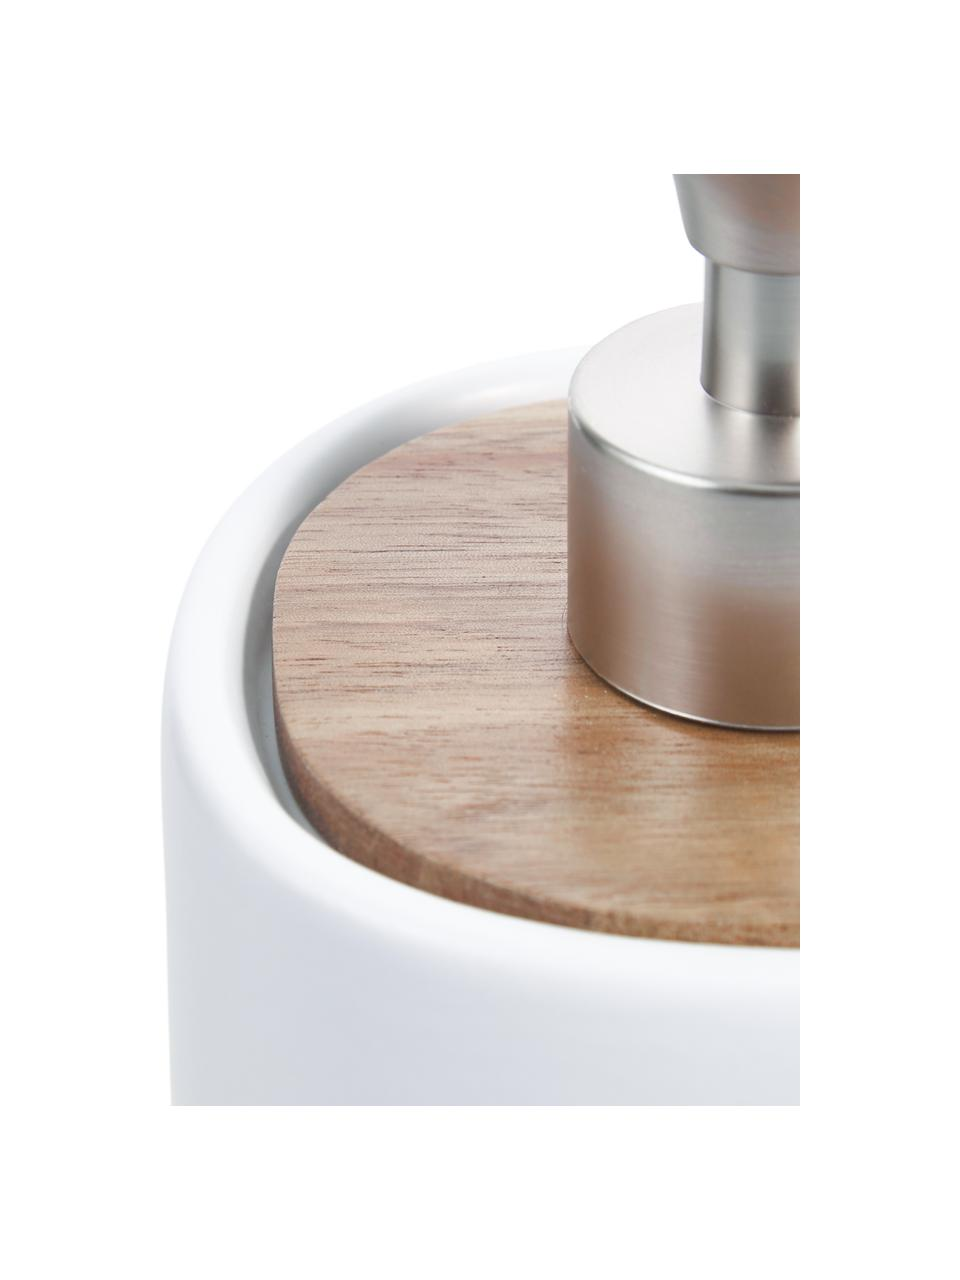 Seifenspender Wili mit Akazienholz, Behälter: Keramik, Pumpkopf: Kunststoff, Weiß, Akazienholz, Ø 10 x H 14 cm